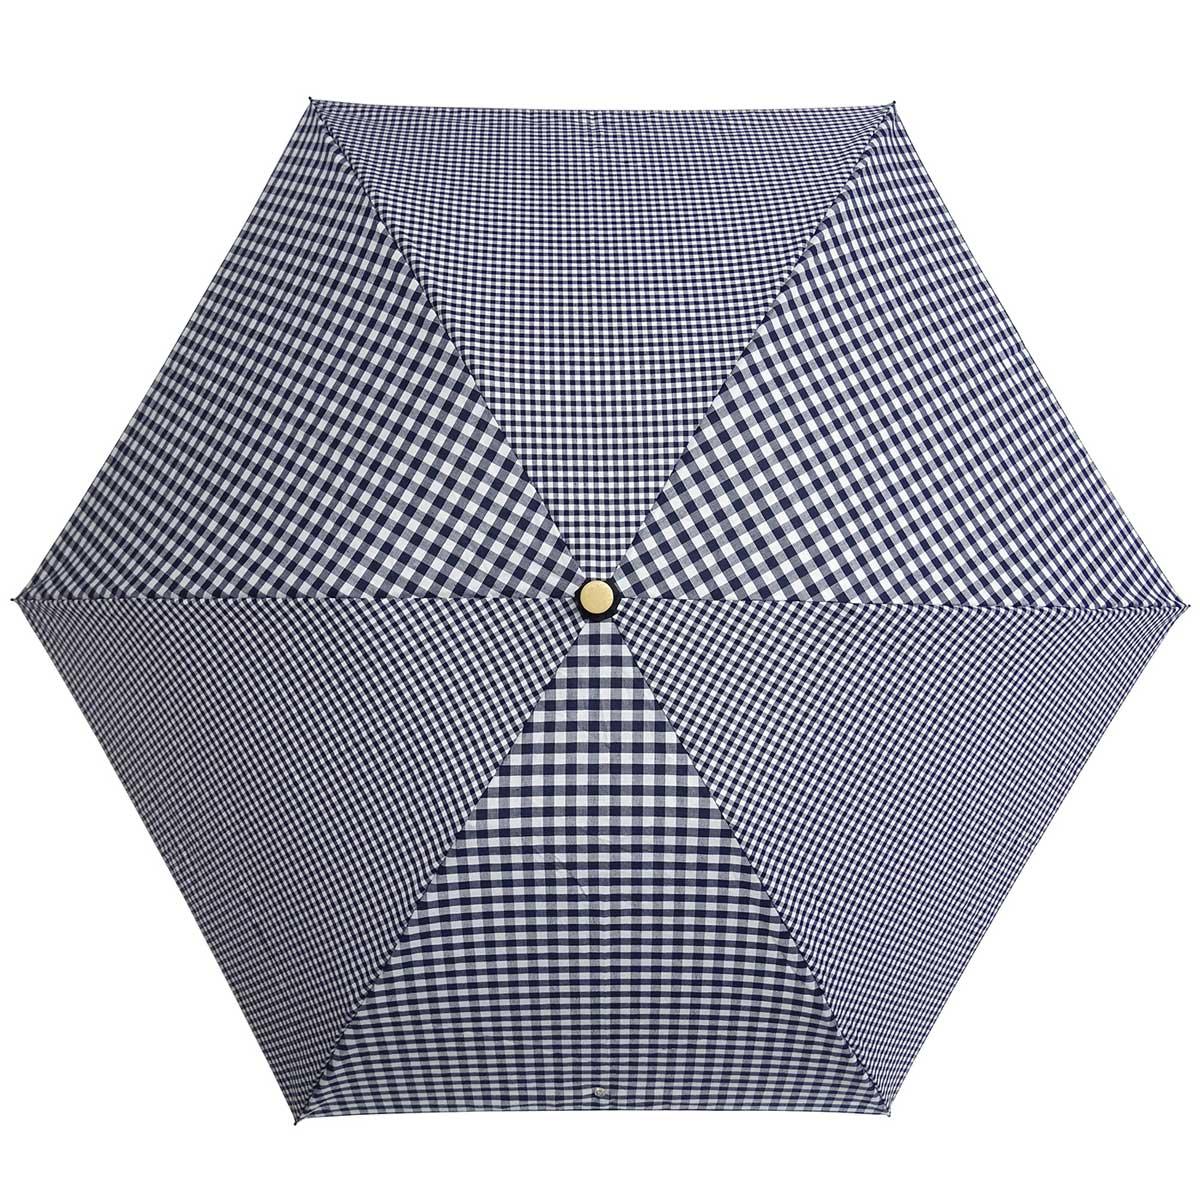 晴雨兼用傘 +RING coco 50cm 折りたたみ傘 レディース 折り畳み傘 日傘 雨傘 日傘 雨傘 プラスリング 折傘 女性用 T669 ギンガムブラック